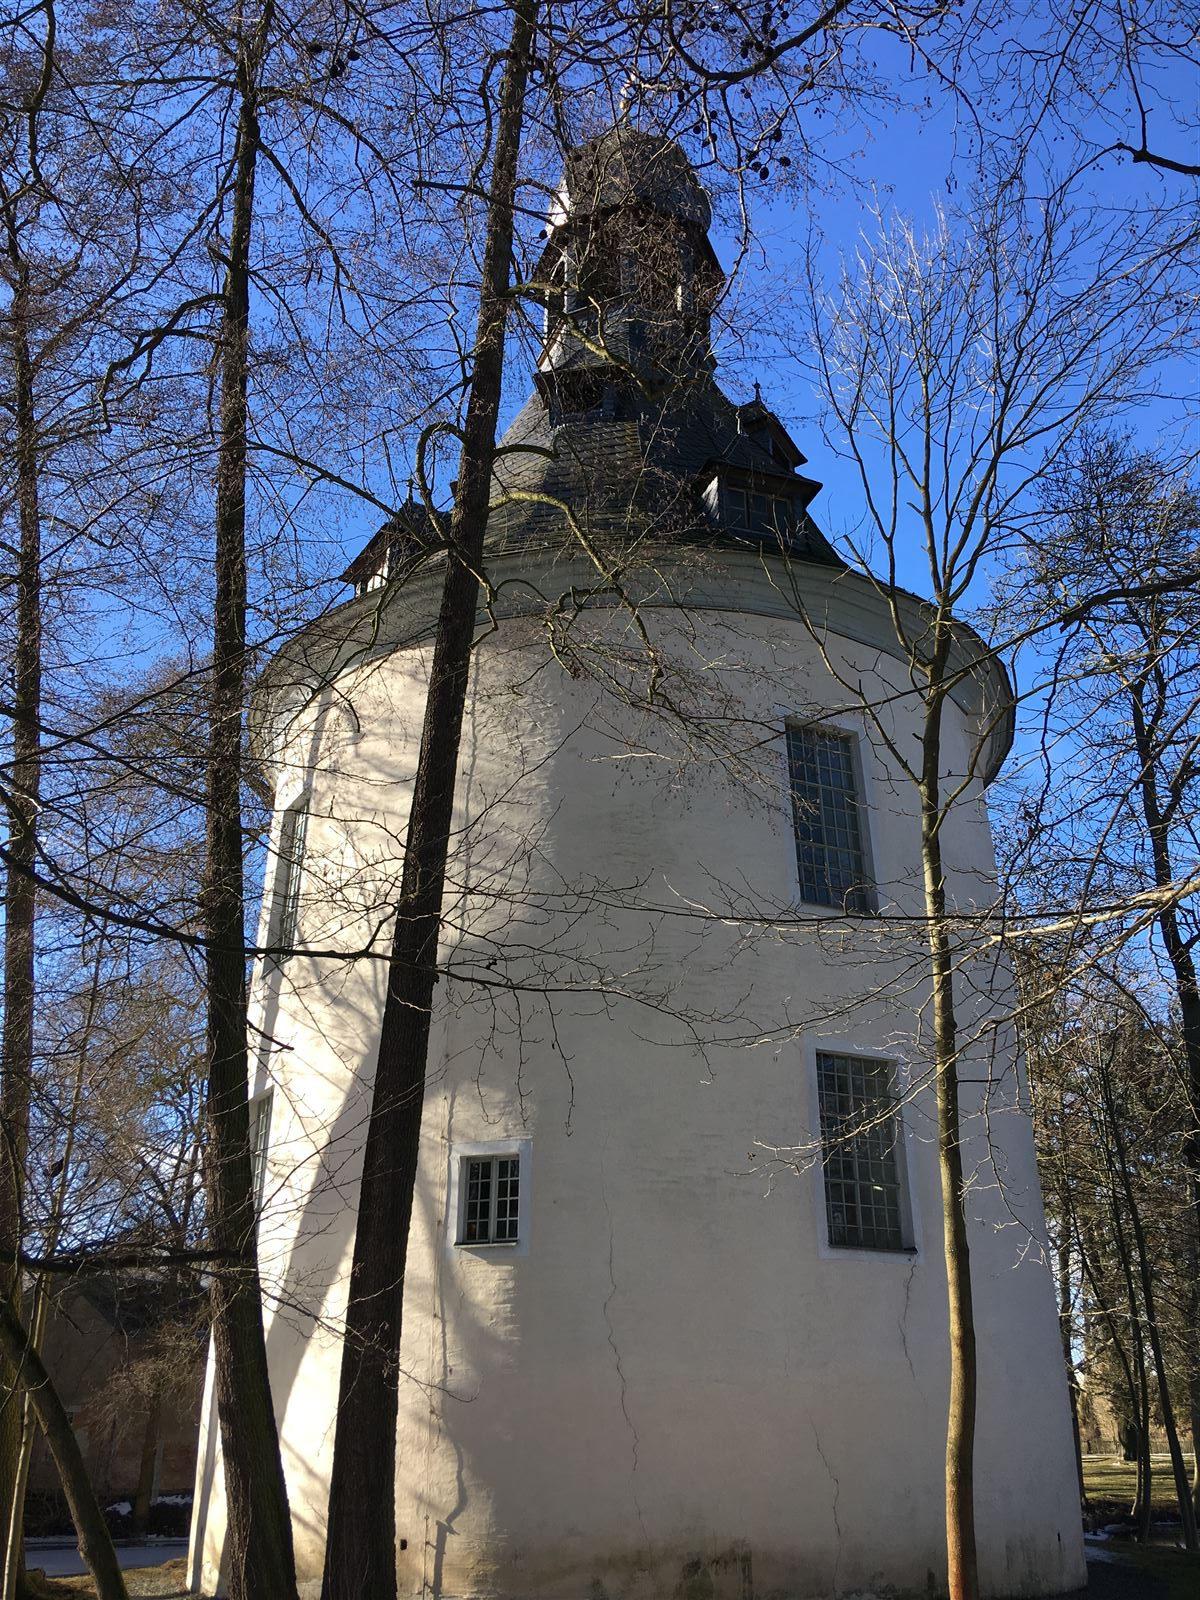 Ausflug zur Kapelle in Kauschwitz in der Nähe von Plauen - der ehemalige Wehrturm